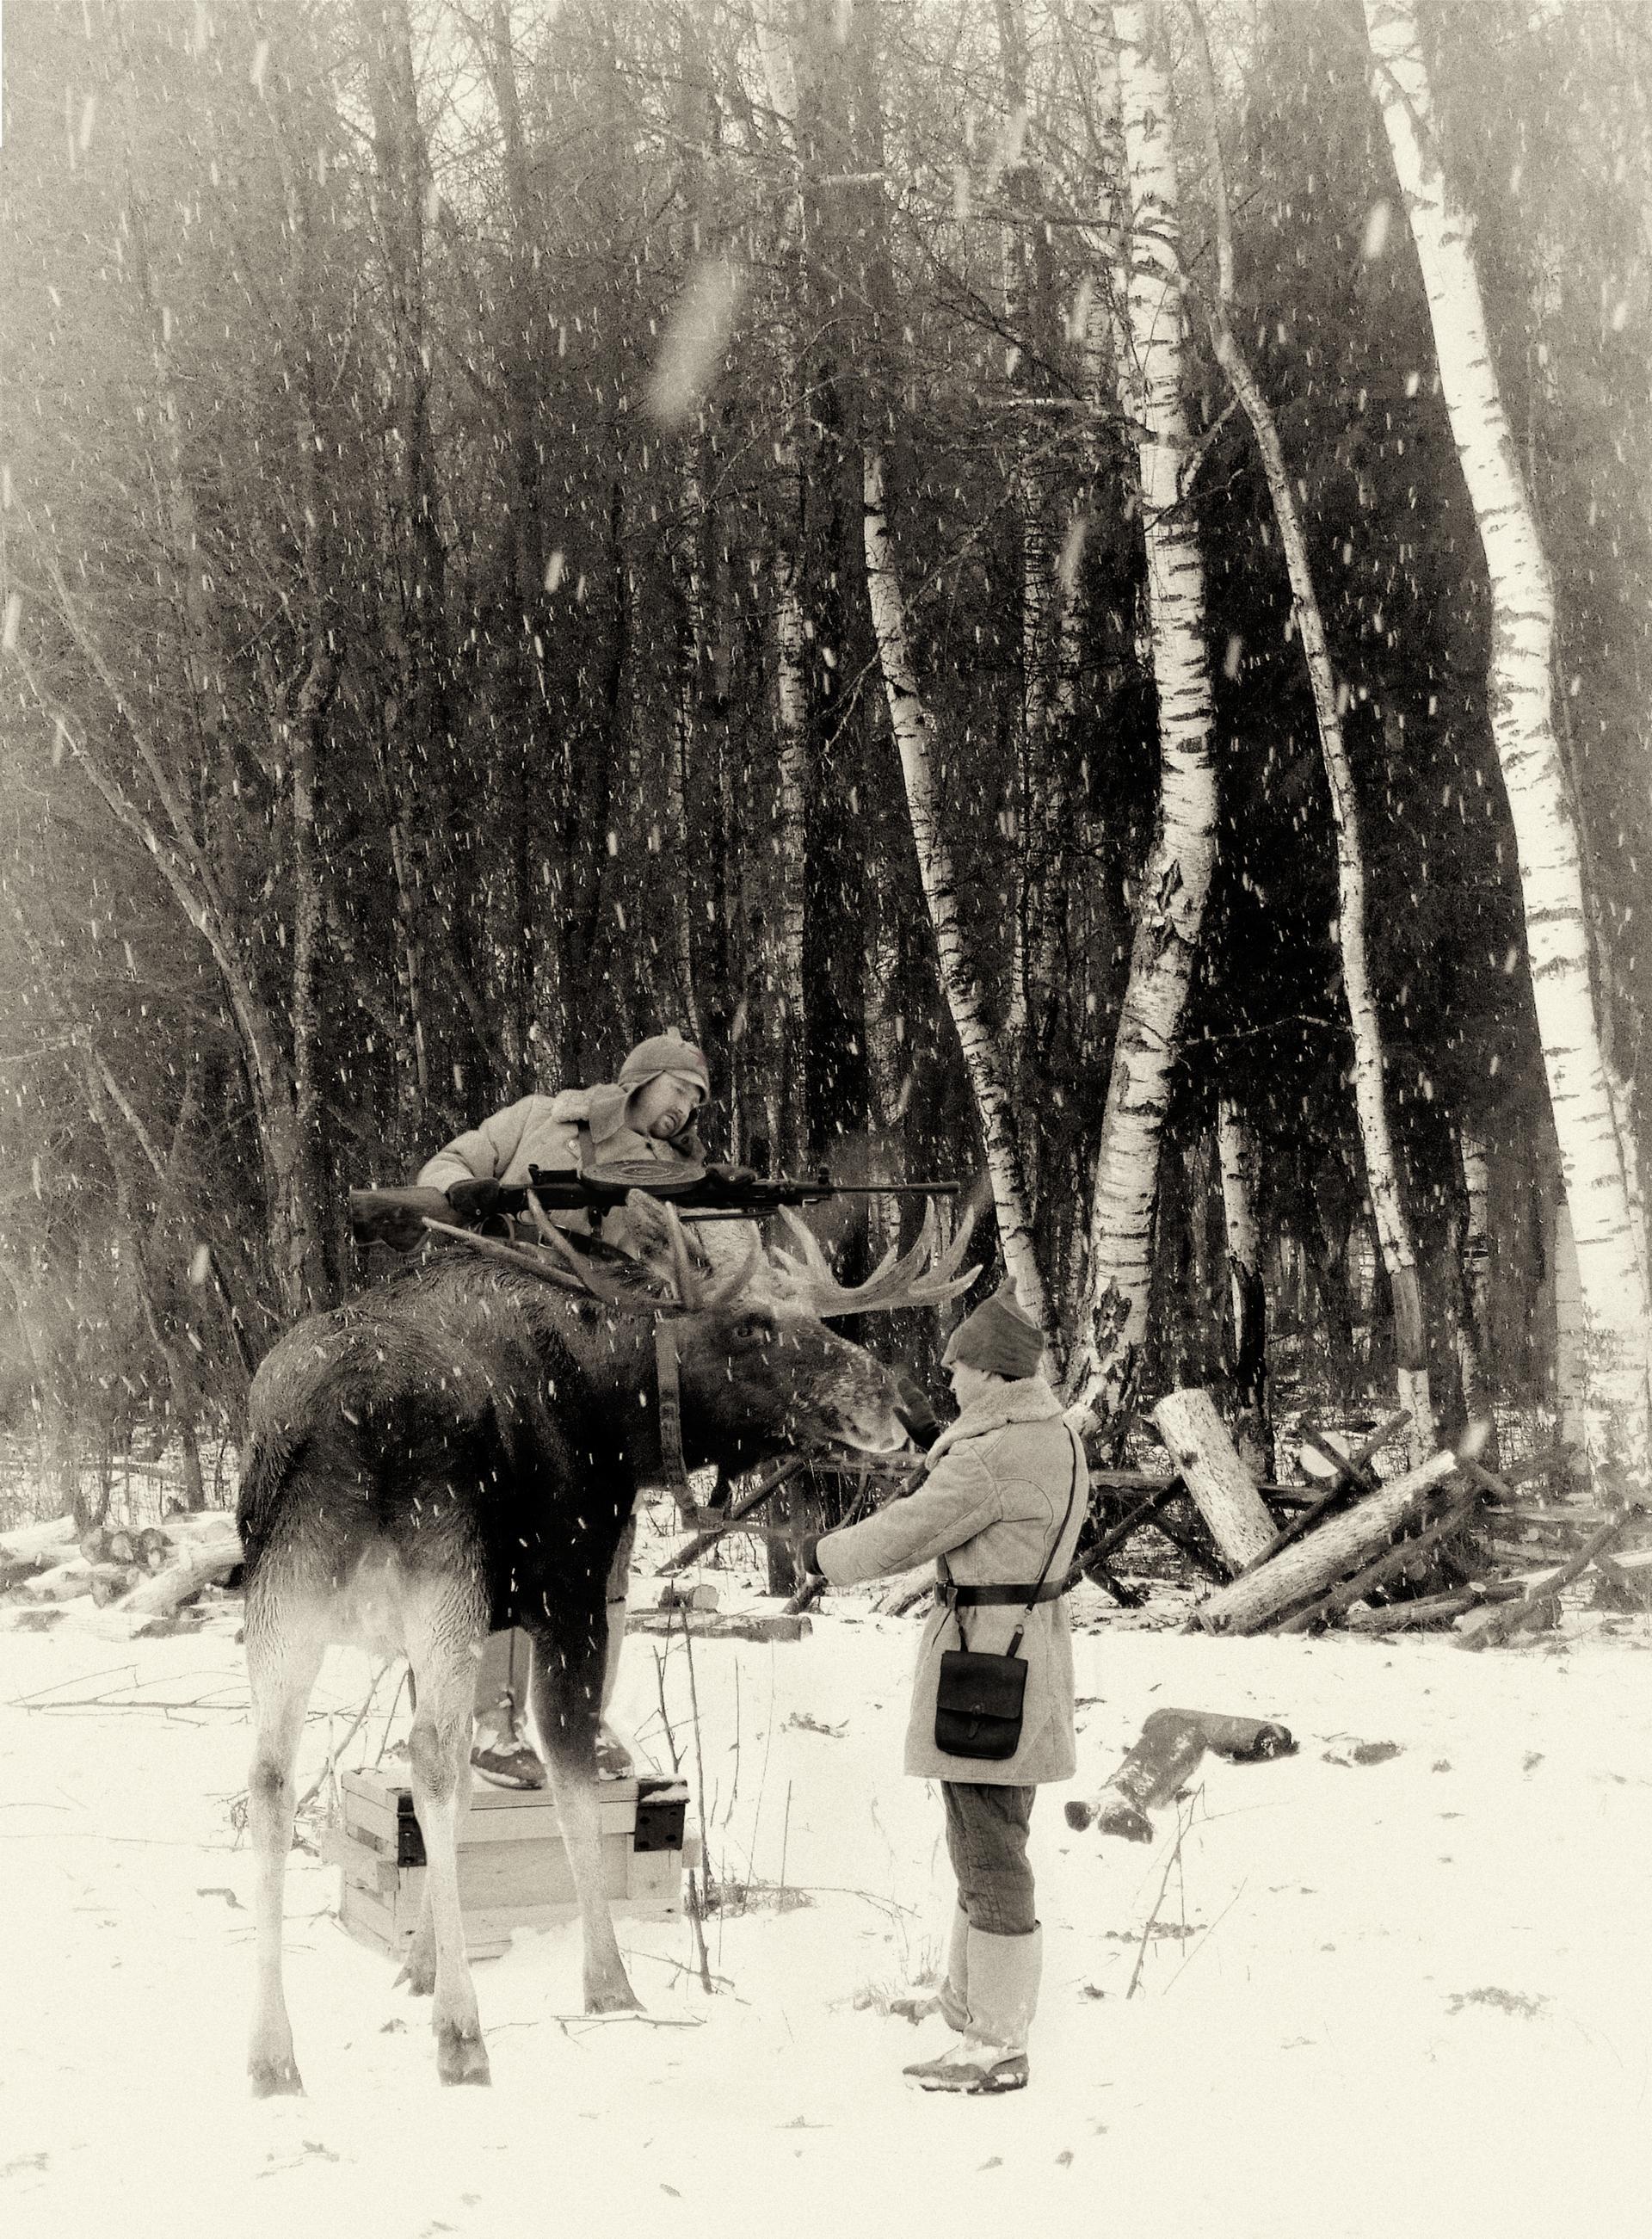 Лось в Украине внесен в список краснокнижных животных, охота на него запрещена, - Семерак - Цензор.НЕТ 5448